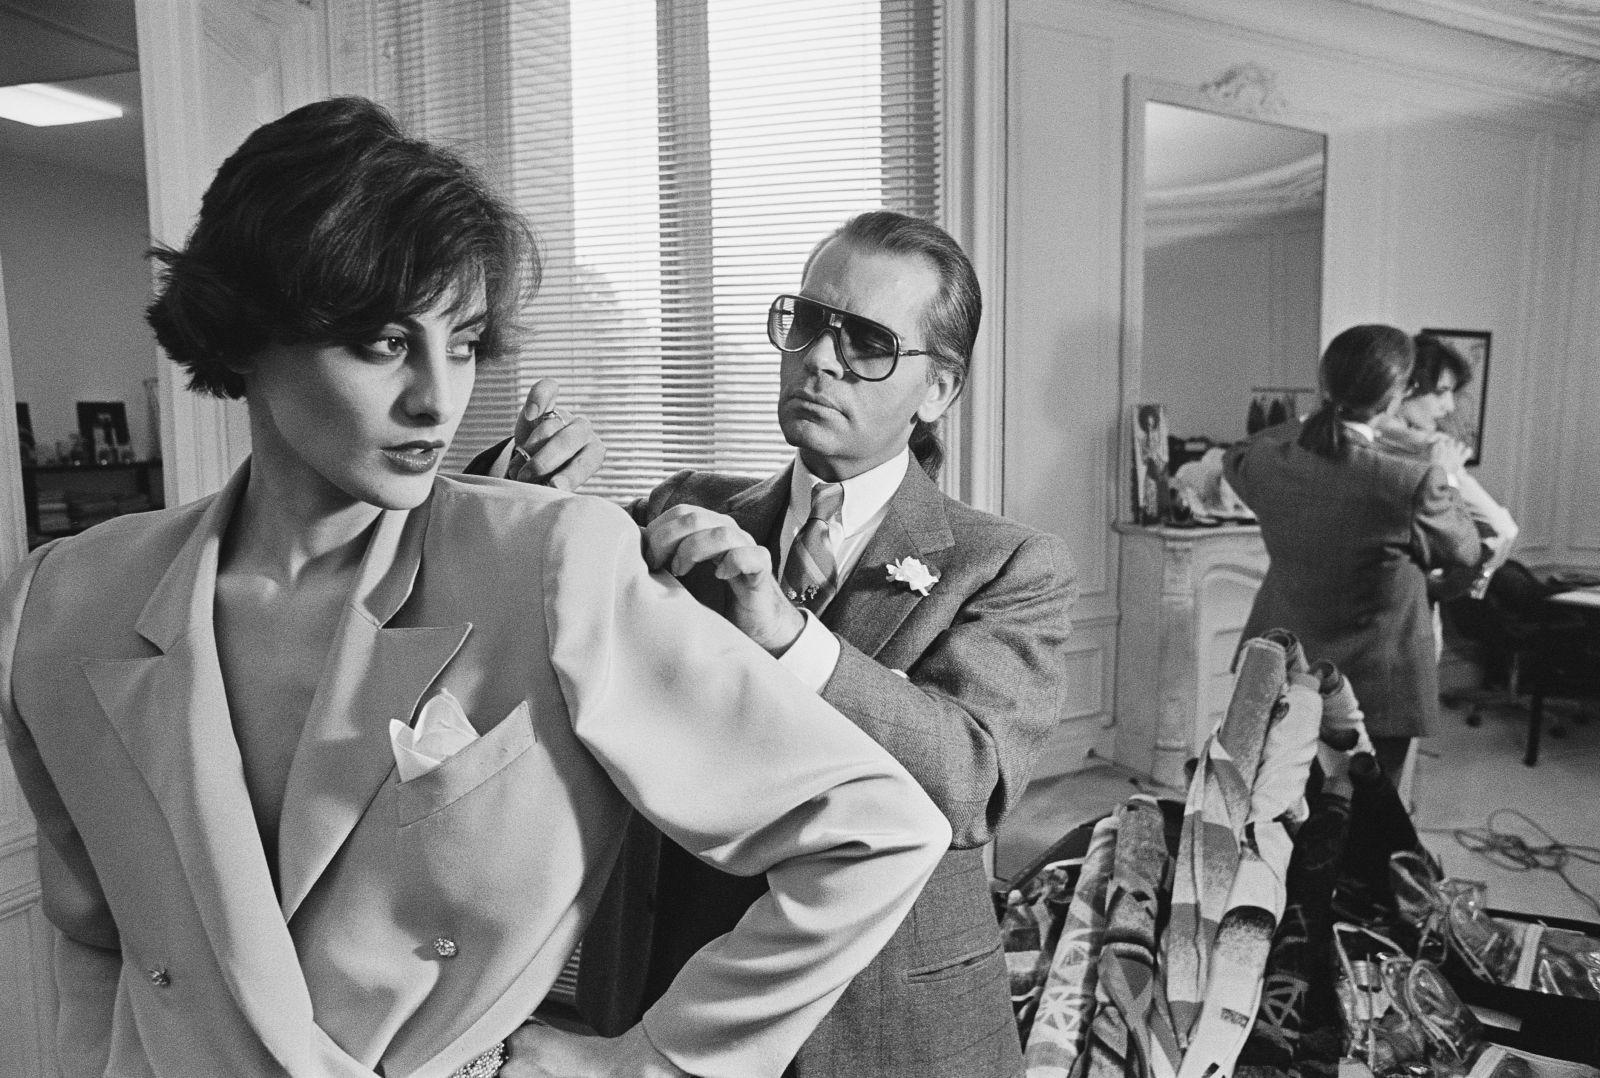 Kto bol Karl Lagerfeld a prečo je považovaný za jedného z najdôležitejších módnych návrhárov v dejinách?